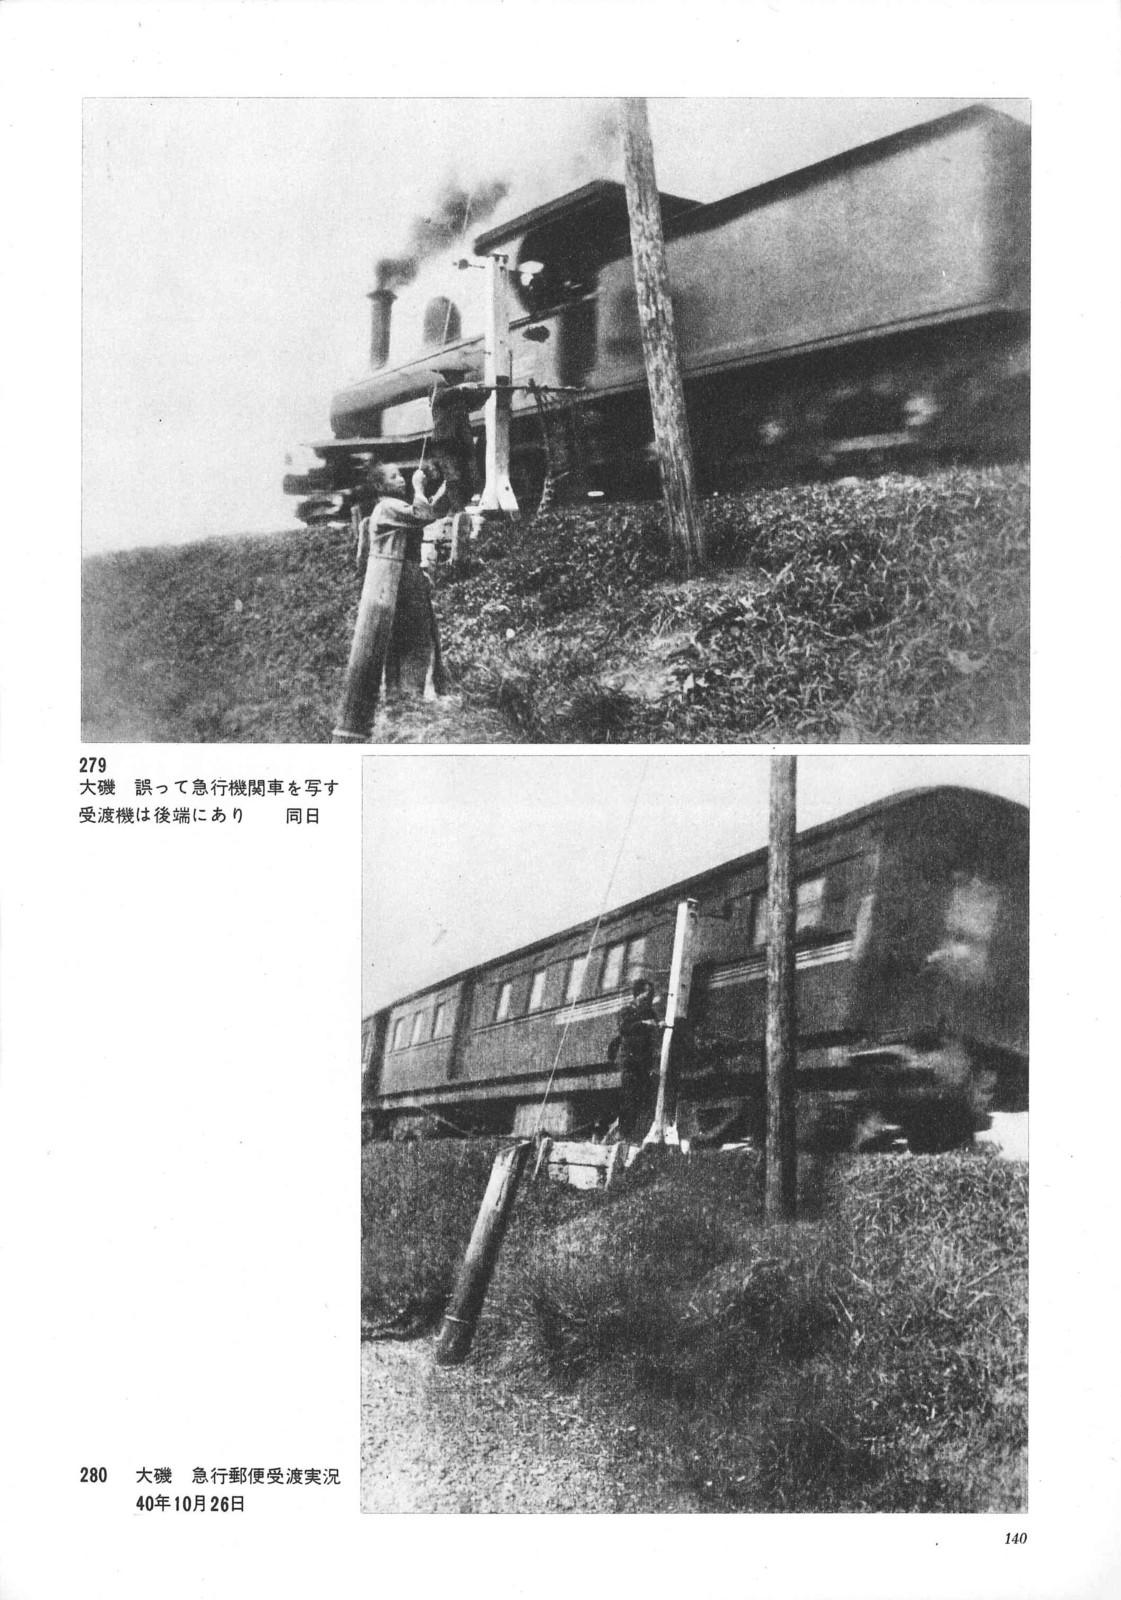 P140l